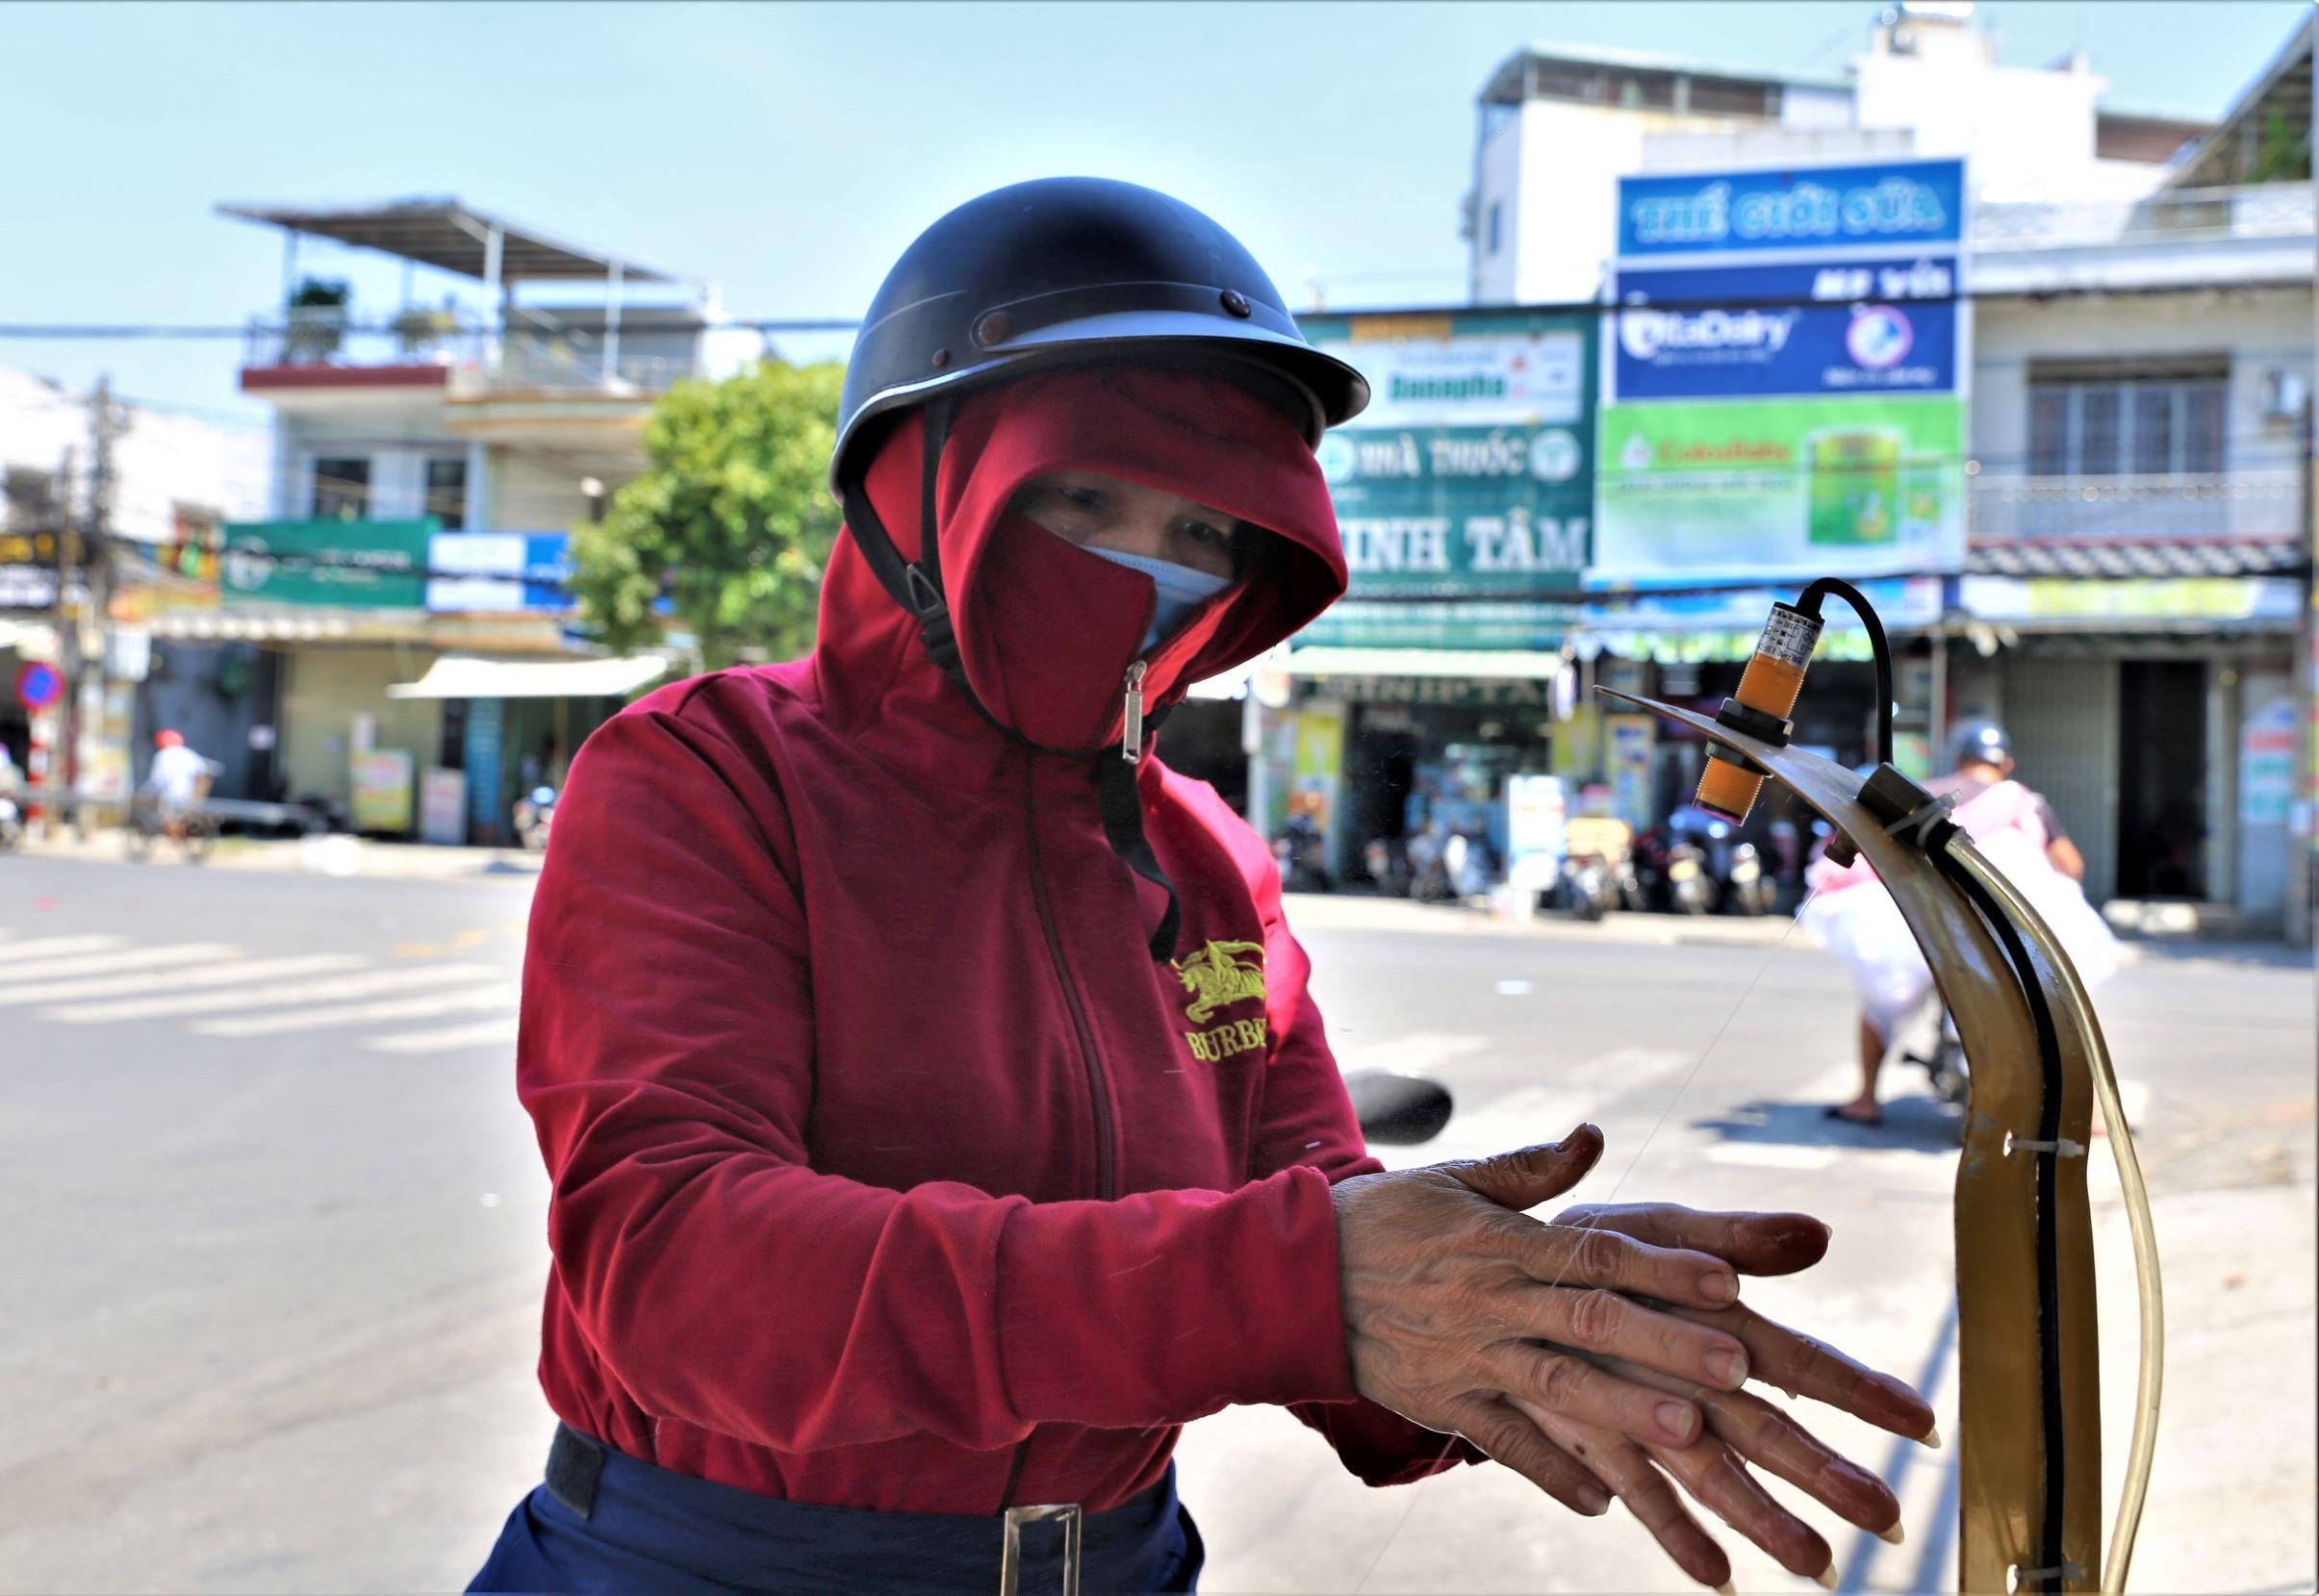 ẢNH: Người dân mặc áo mưa, trùm kín khi đi chợ giữa nắng 37 độ C để phòng dịch Covid-19 - Ảnh 2.